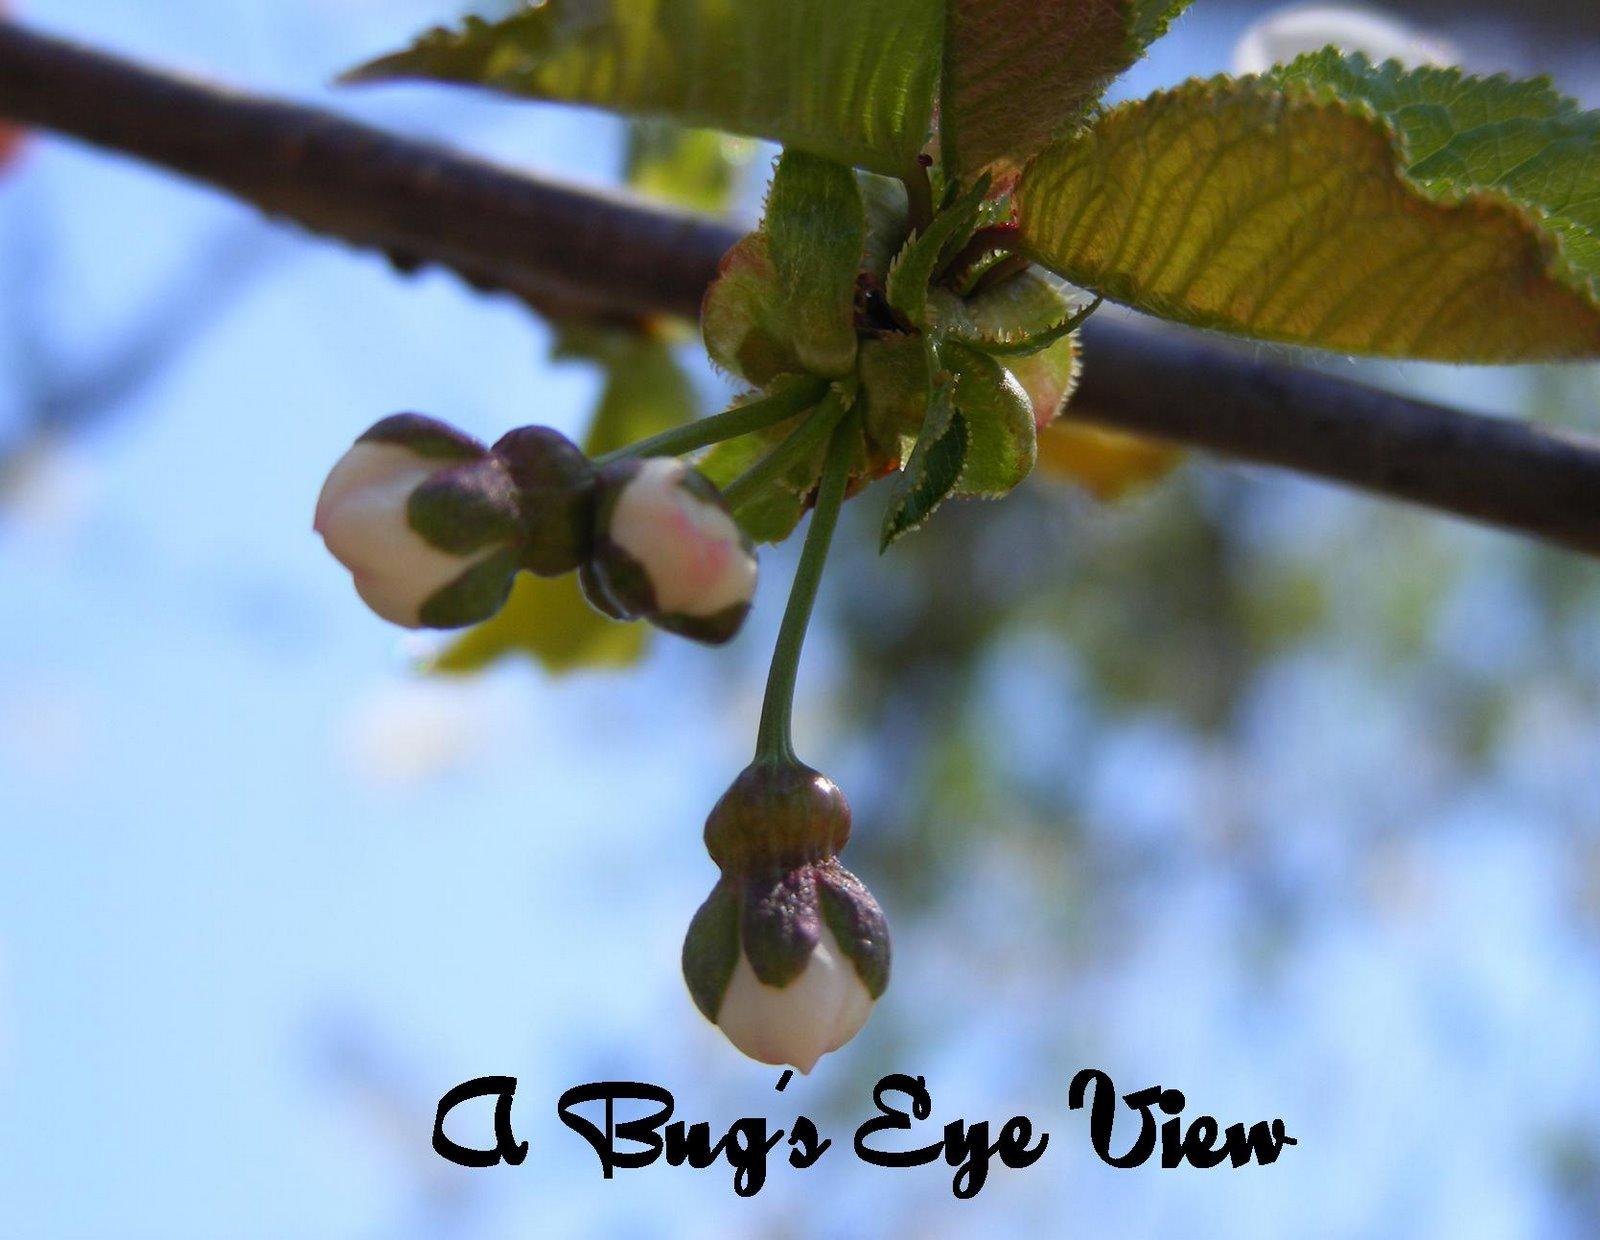 A Bug's Eye View